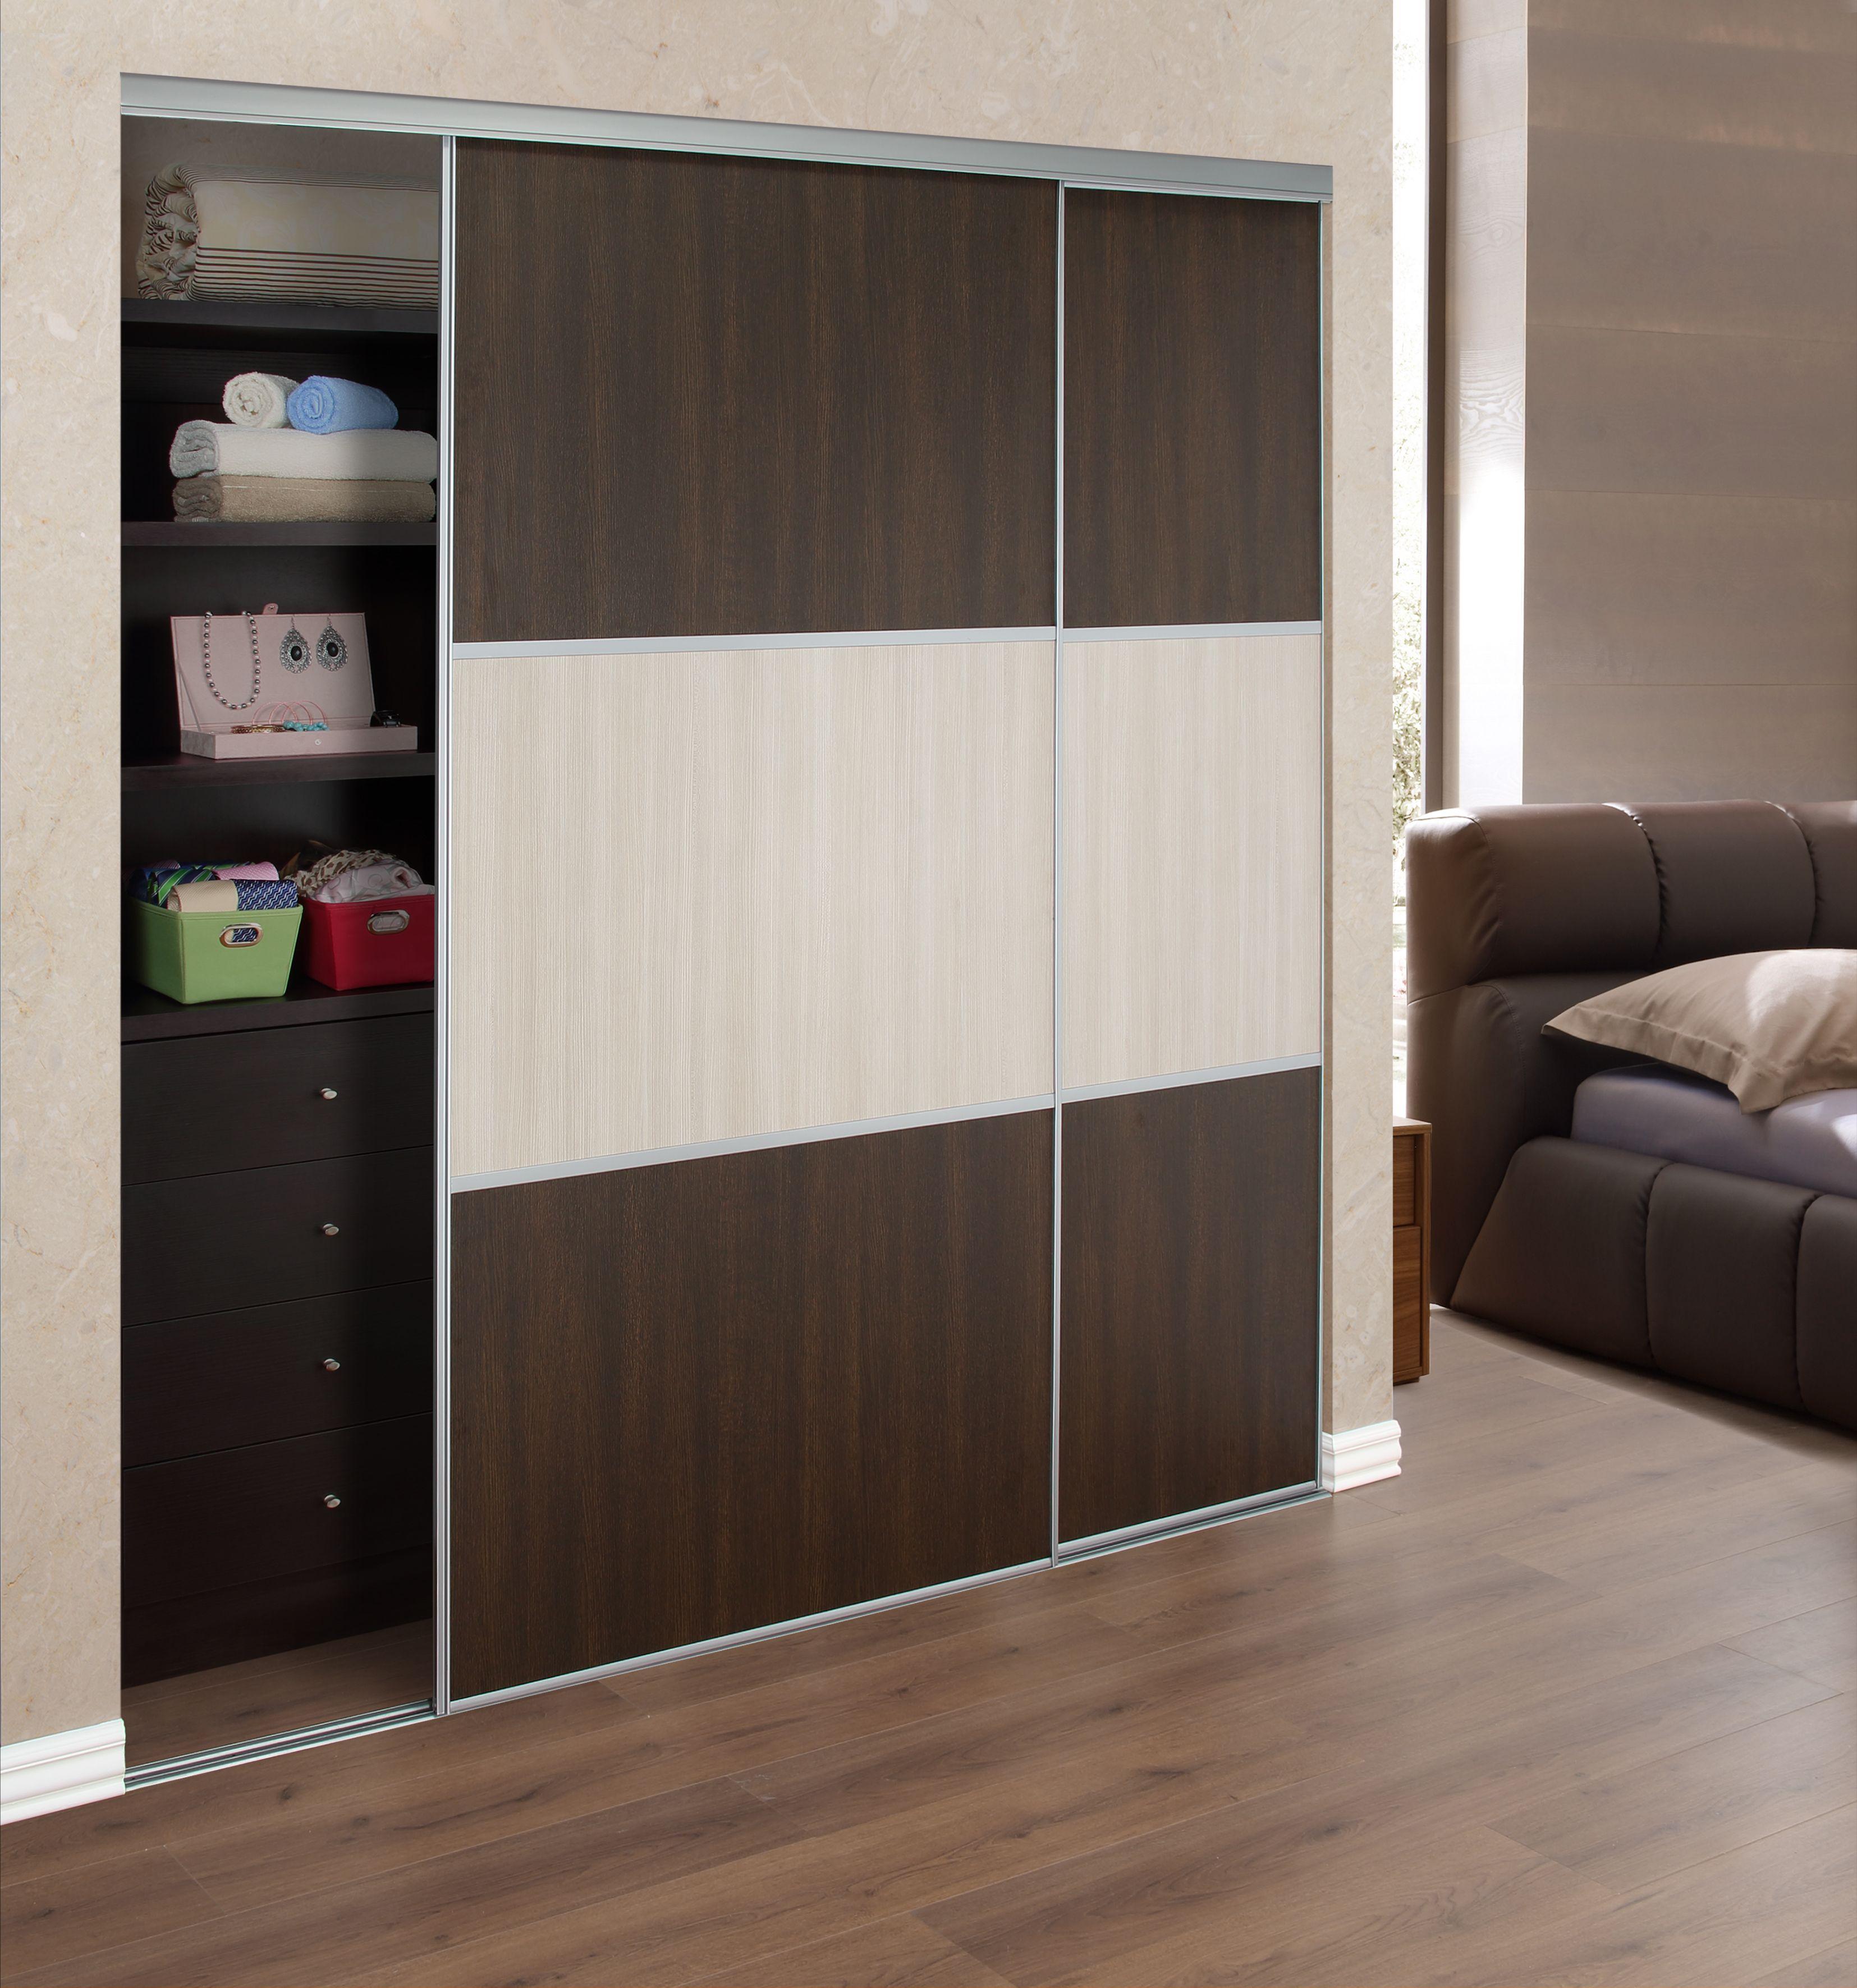 Mejora la decoraci n de la habitaci n con unas modernas puertas corredizas en tu cl set Puertas de madera decoradas